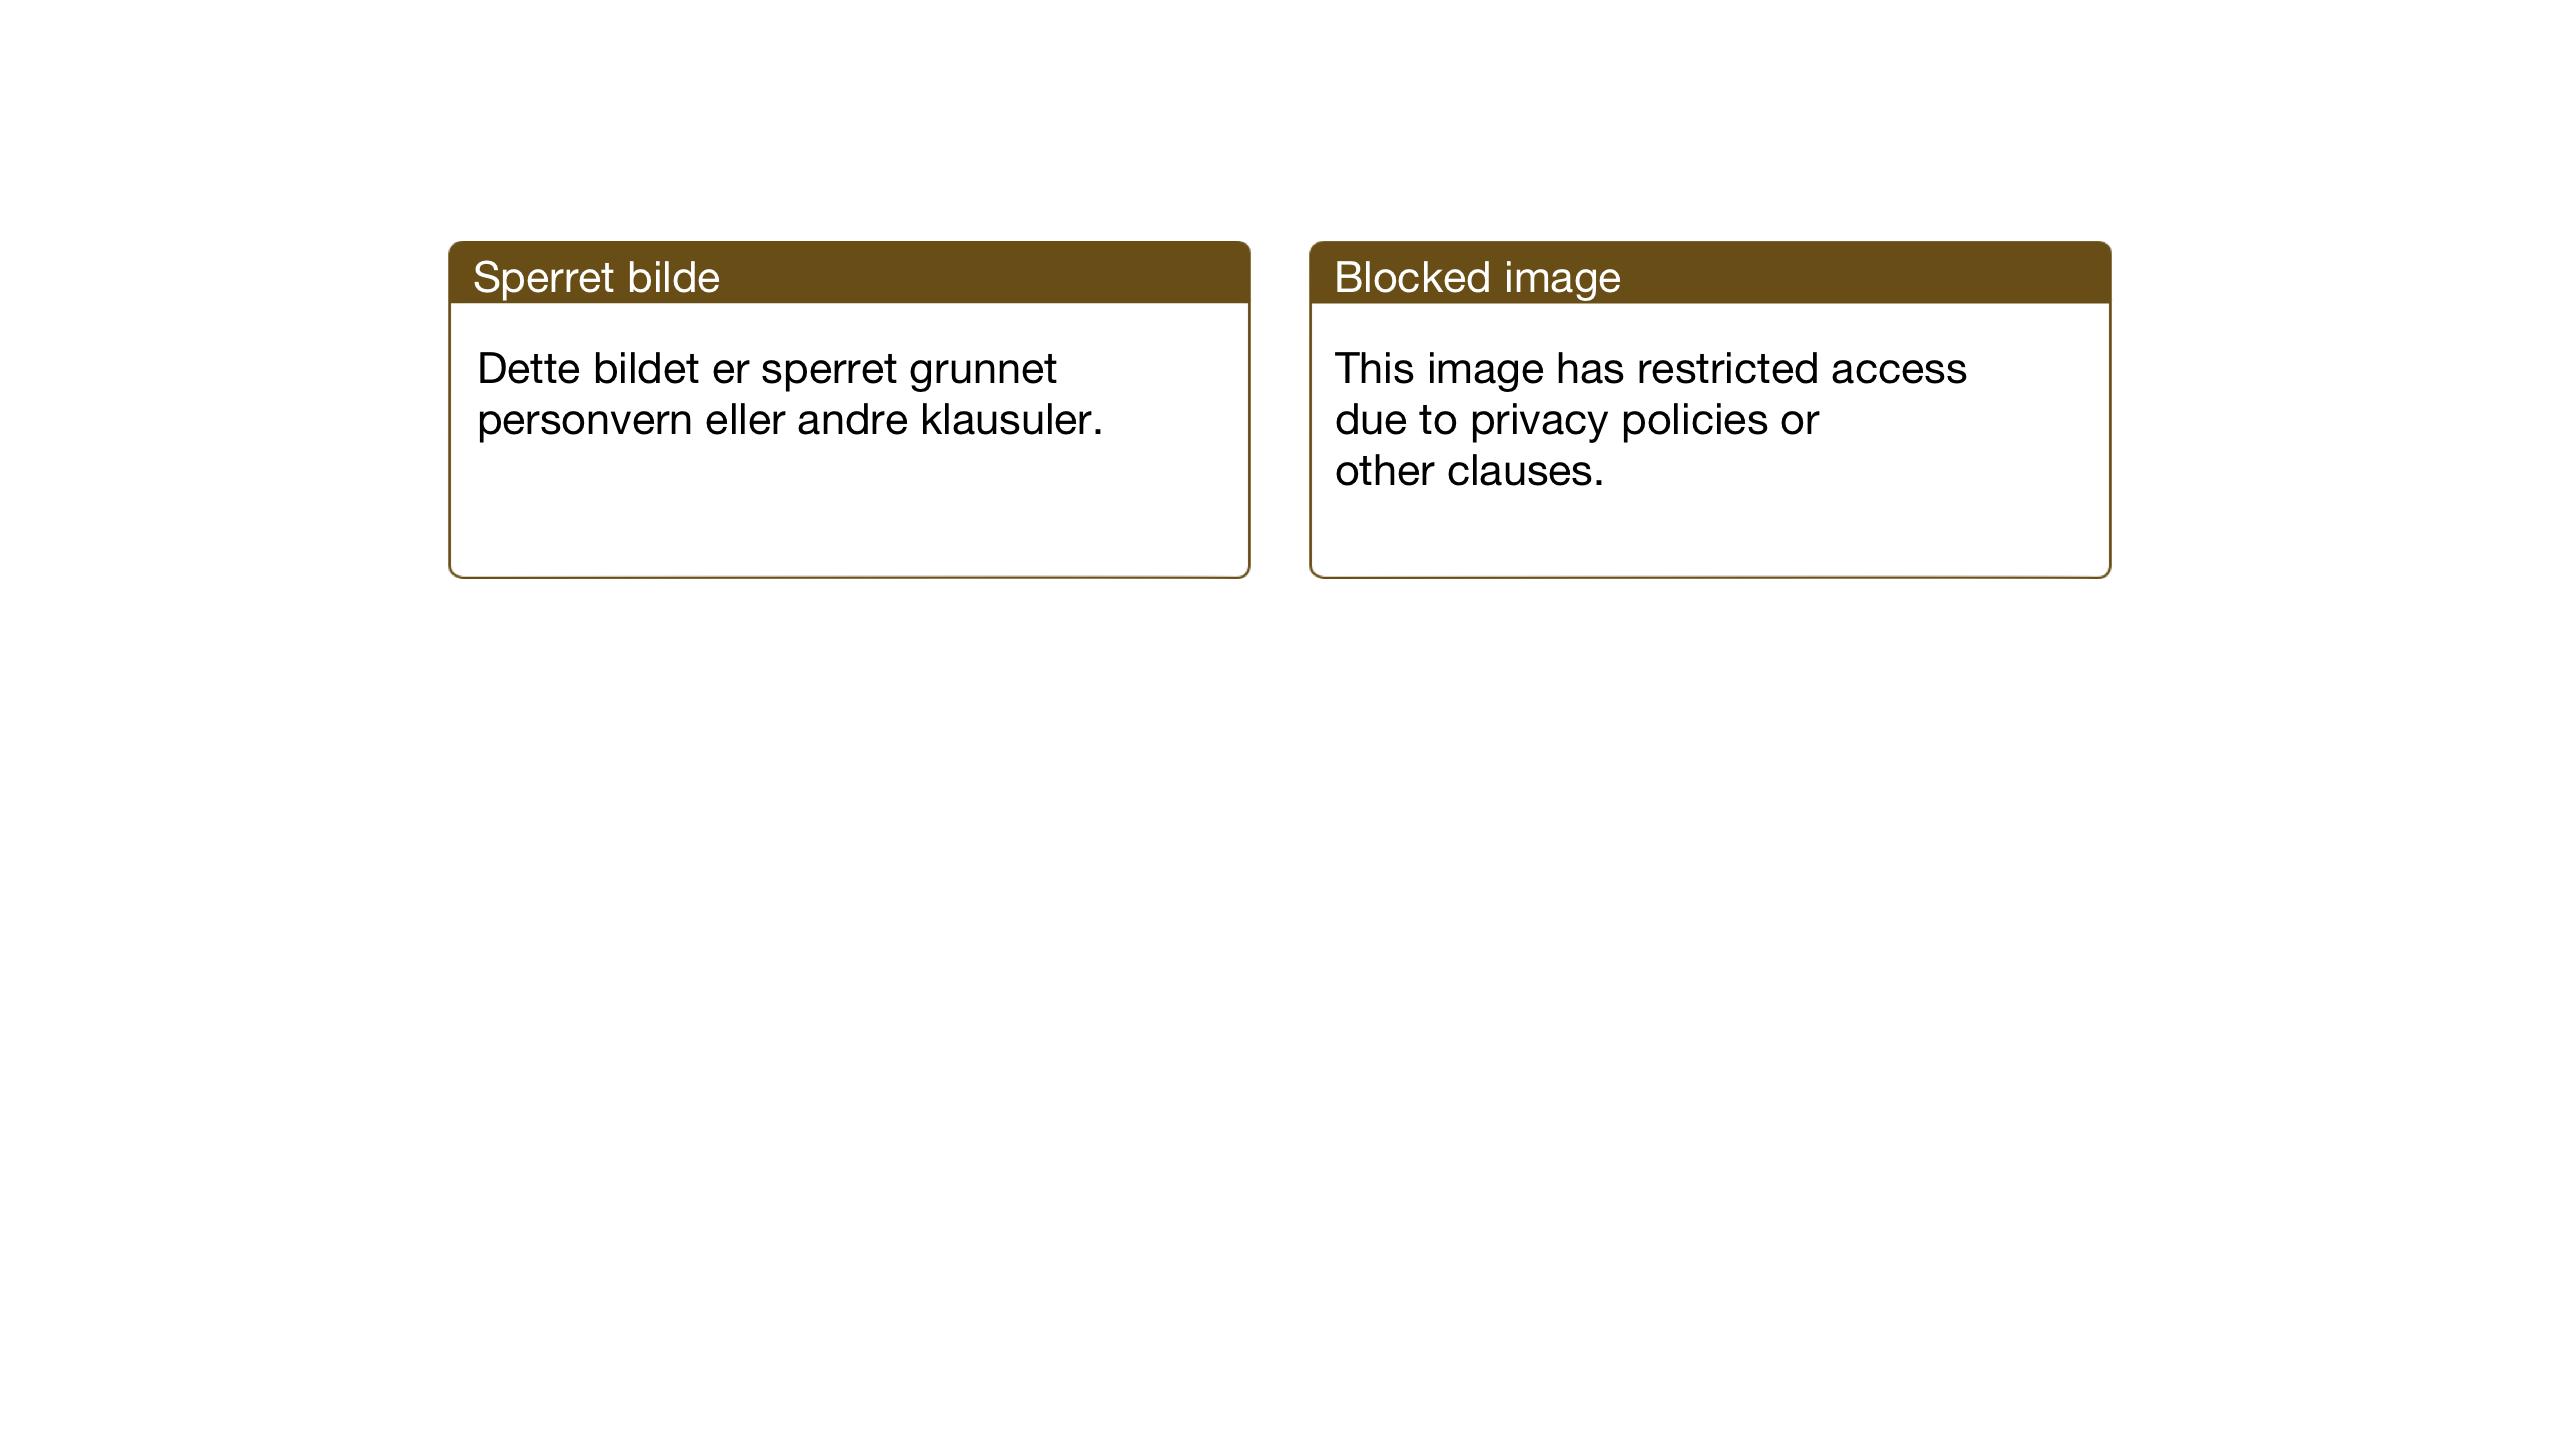 SAT, Ministerialprotokoller, klokkerbøker og fødselsregistre - Sør-Trøndelag, 681/L0944: Klokkerbok nr. 681C08, 1926-1954, s. 21